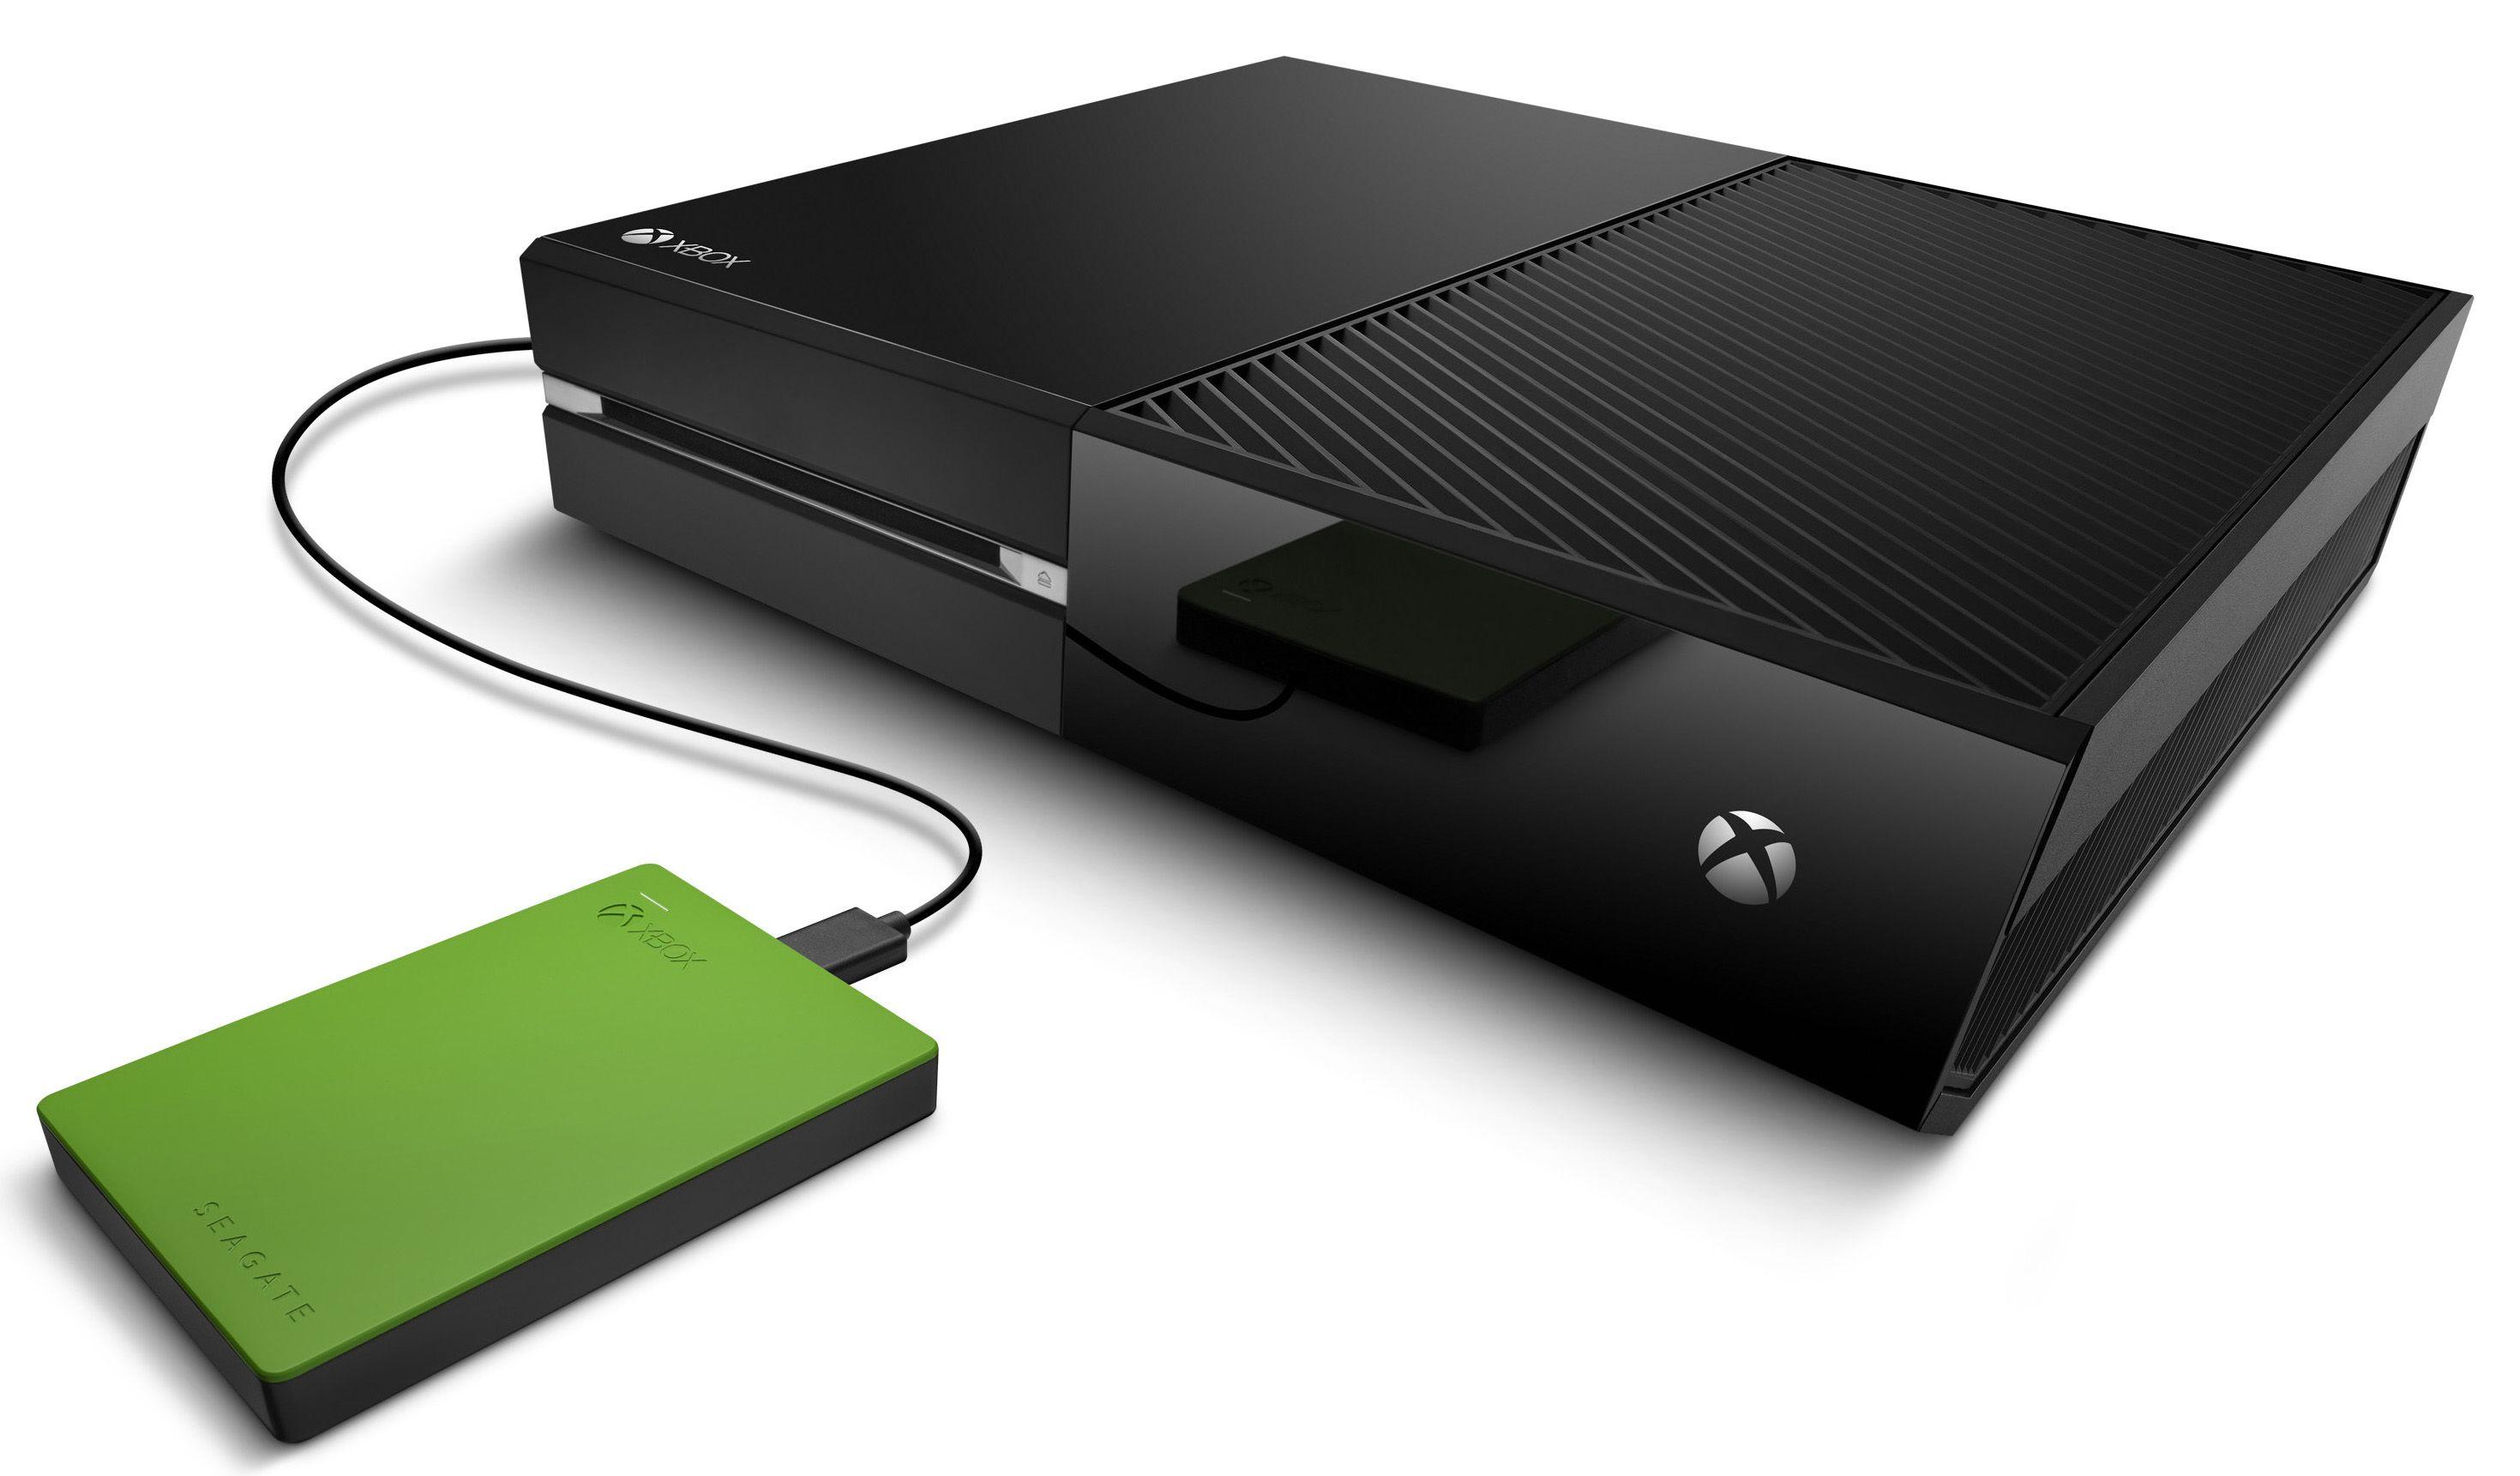 Xbox one : je vous parle des jeux que j'aime